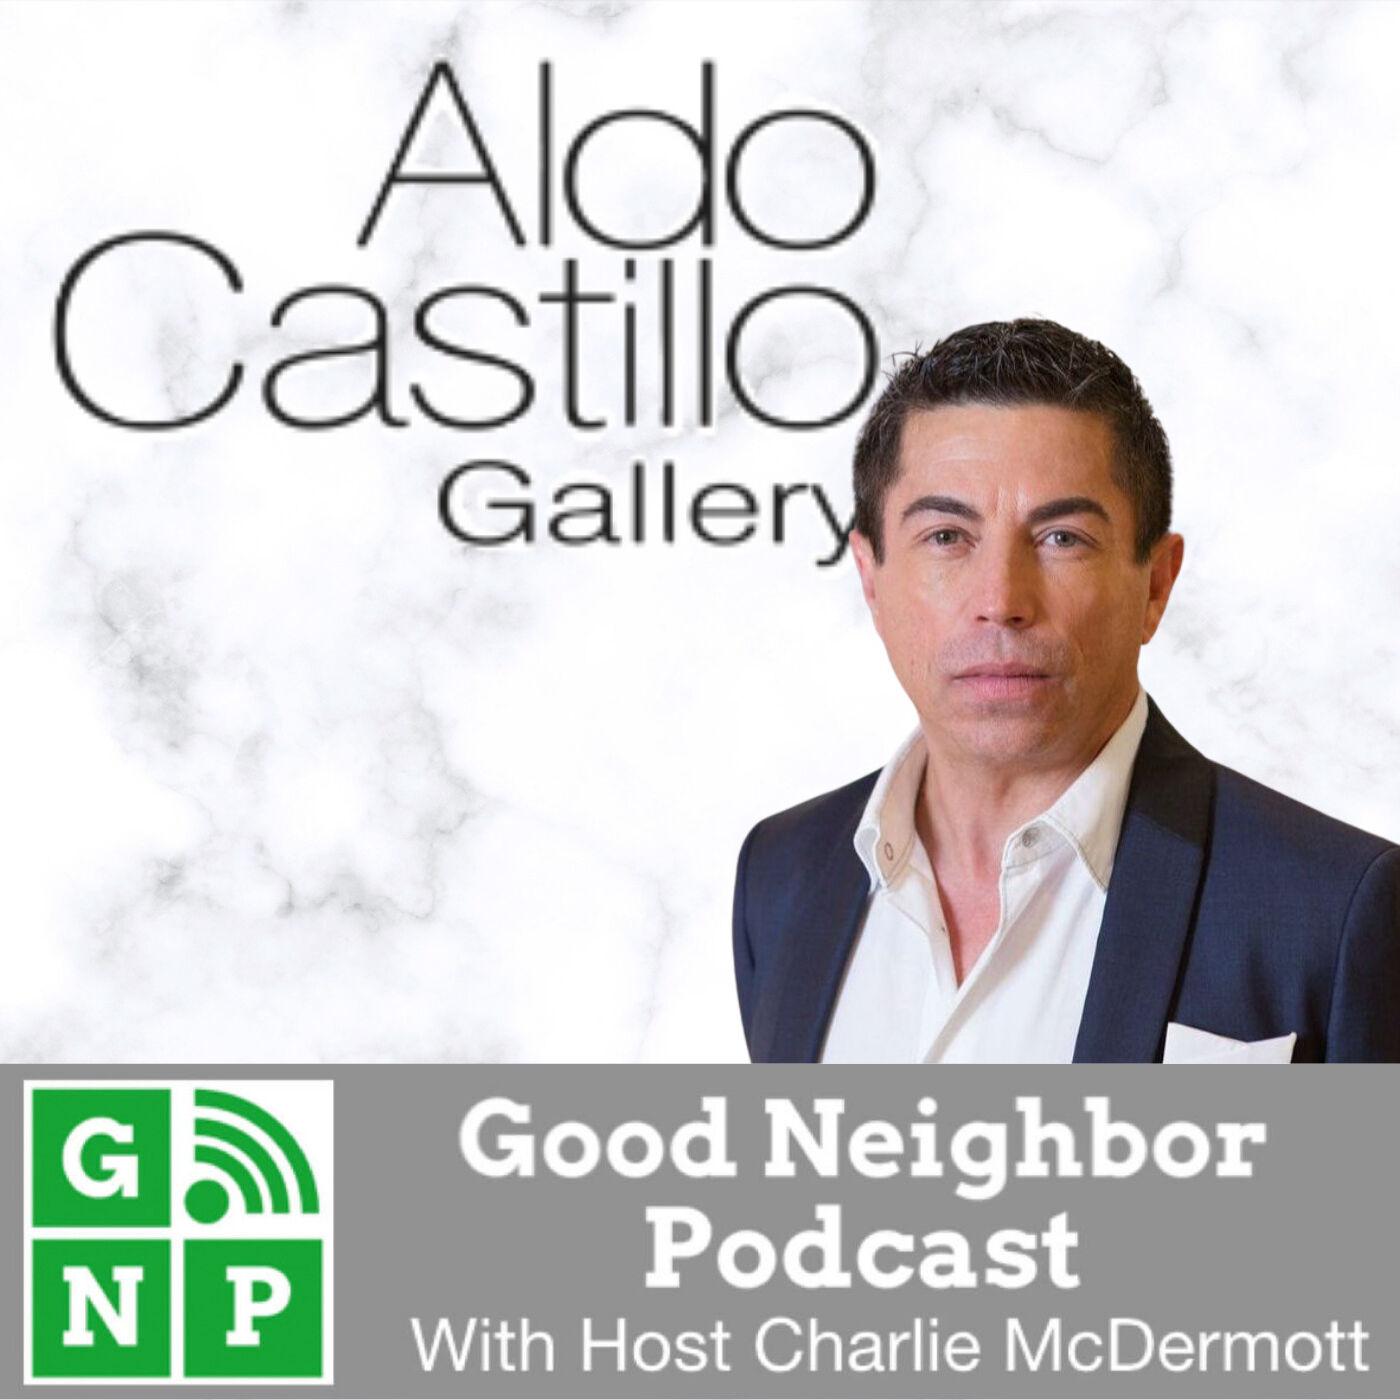 EP #519: Aldo Castillo Gallery with Aldo Castillo